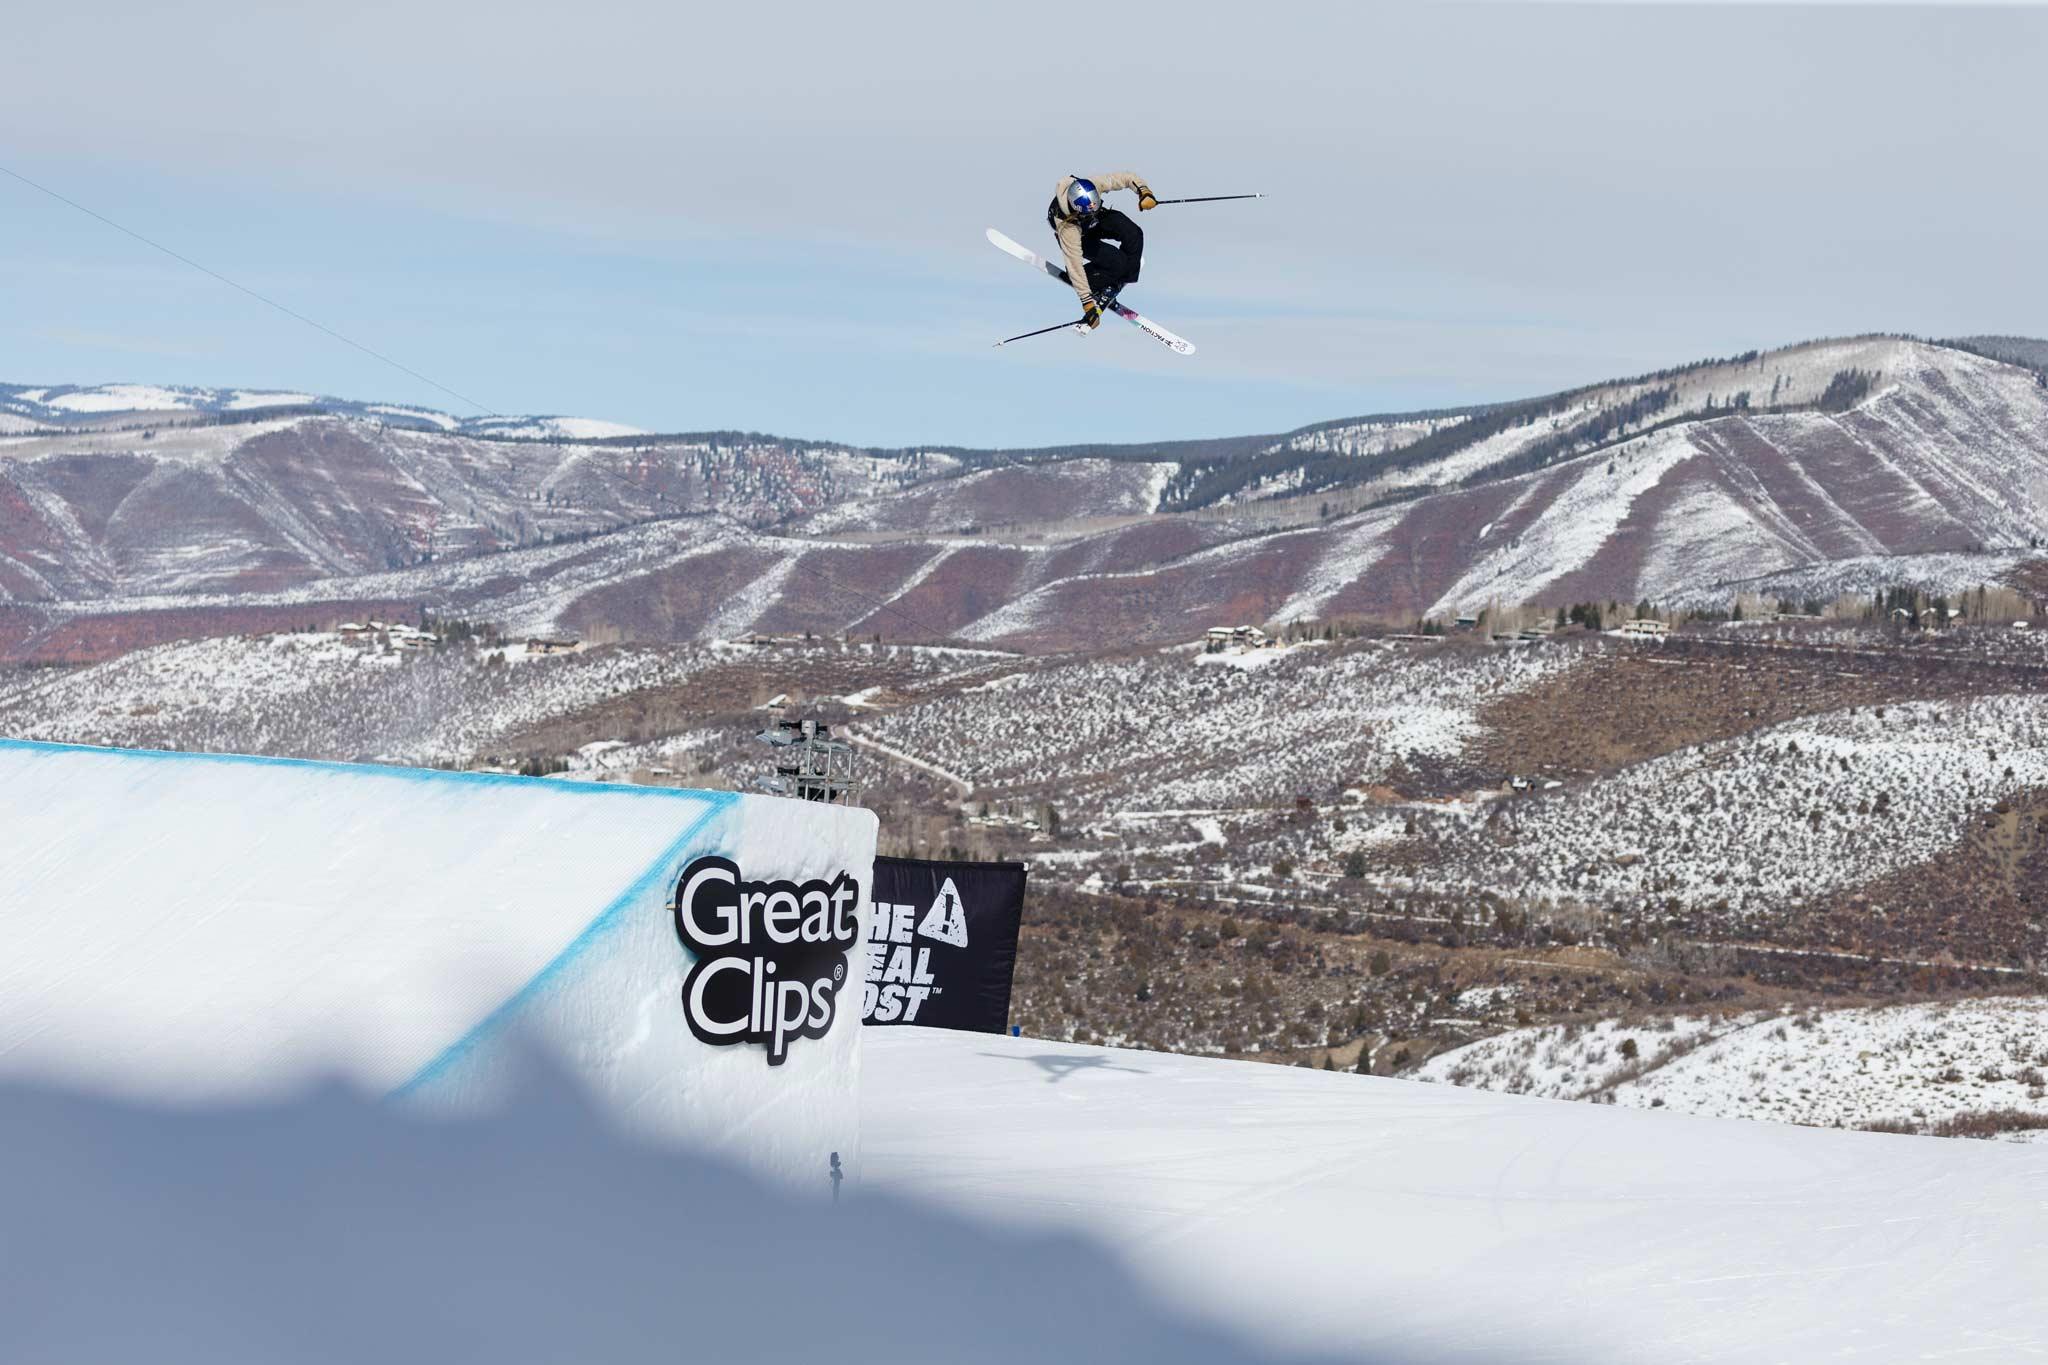 Kelly Sildaru zählt auch bei den Winter X Games 2021 erneut zu den Top-Favoritinnen bei den Frauen, sowohl im Slopestyle als auch in der Superpipe UND im Big Air Contest! - Foto: Trevor Brown, Jr. / ESPN Images